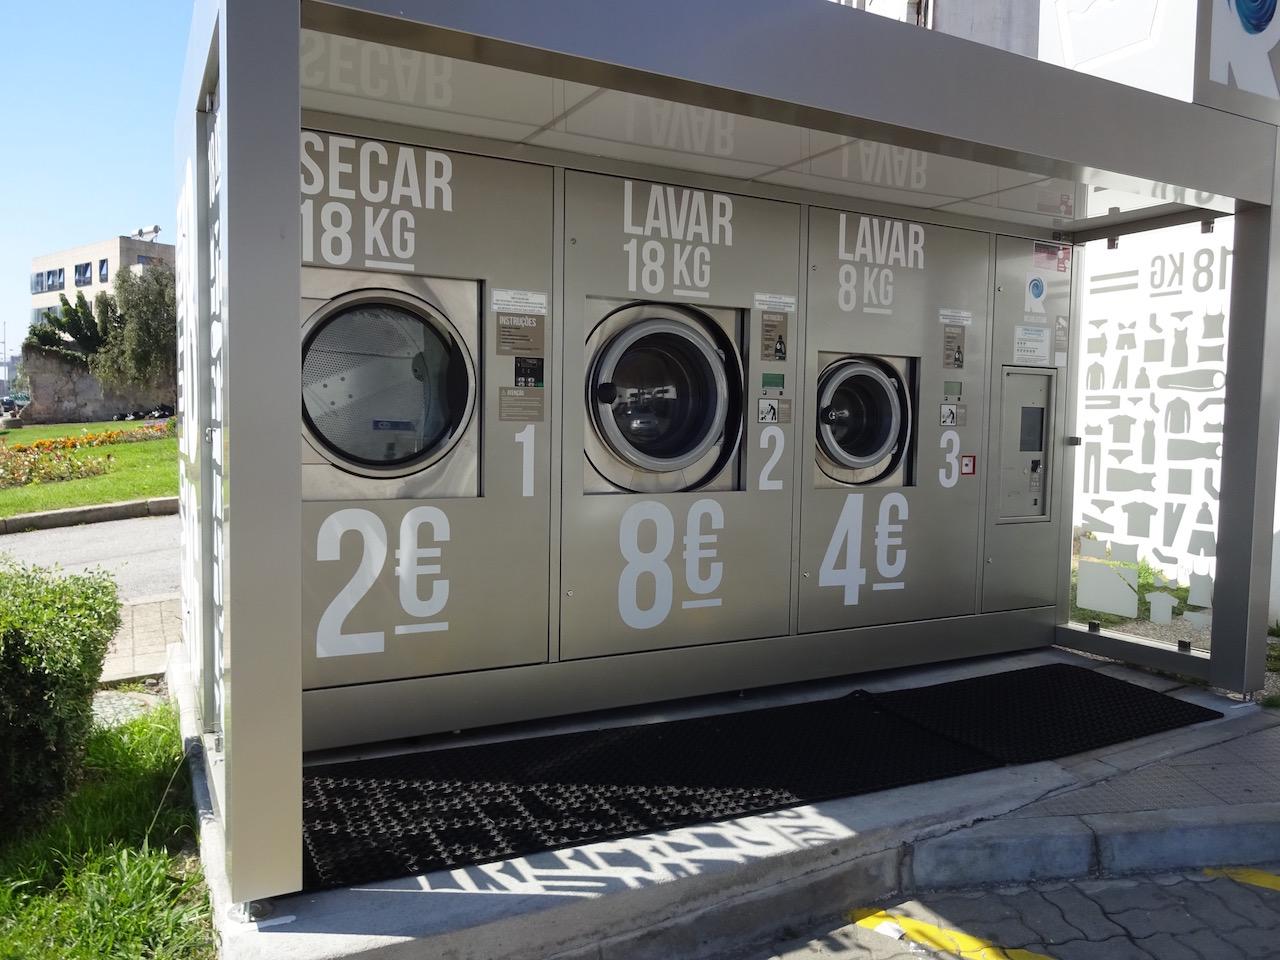 hier an der Tanke können wir unsere Wäsche waschen